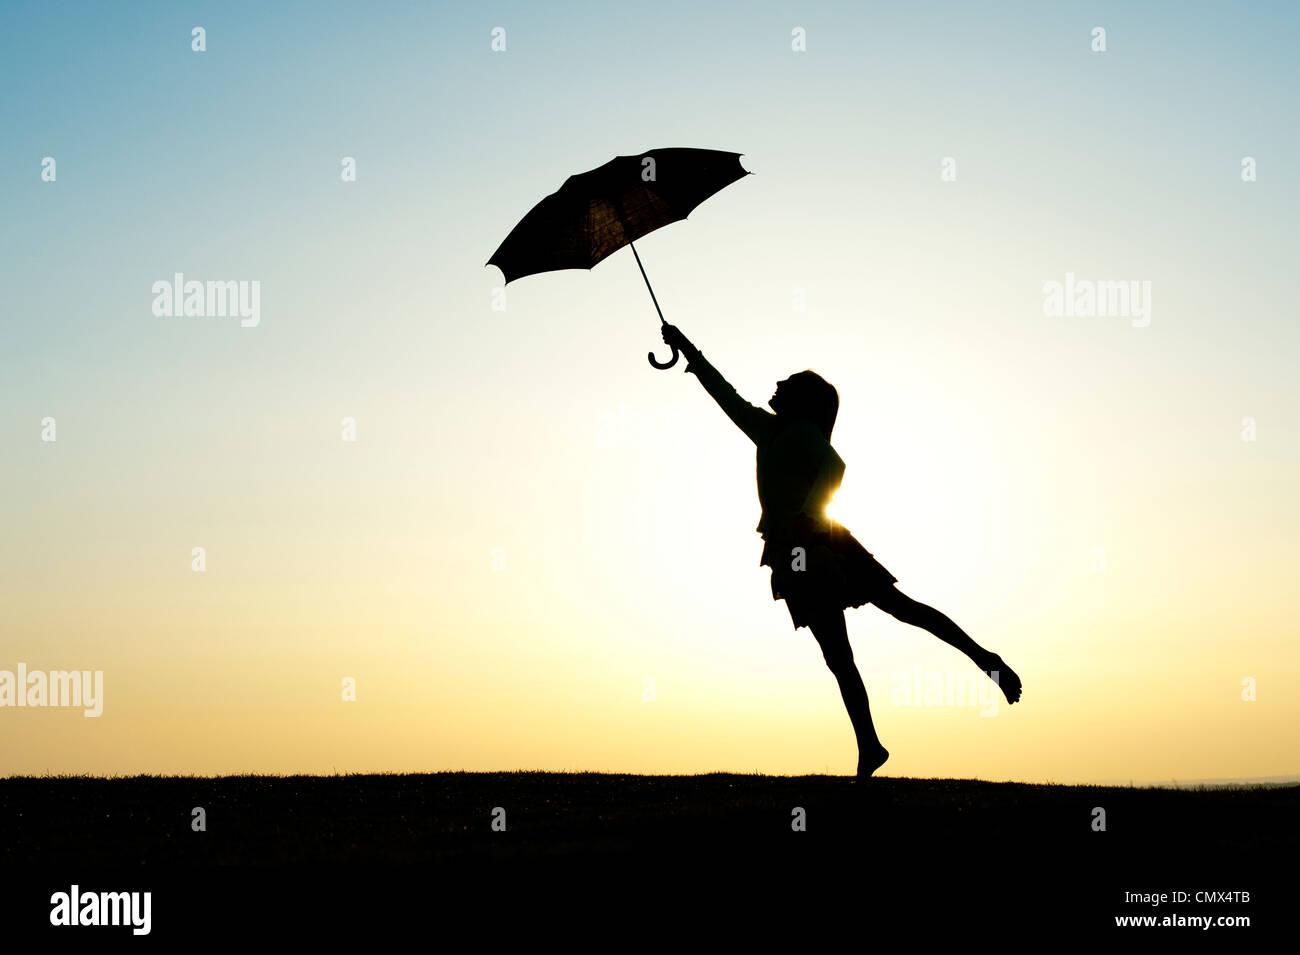 Jeune fille sautant avec un parapluie au coucher du soleil. Silhouette Photo Stock